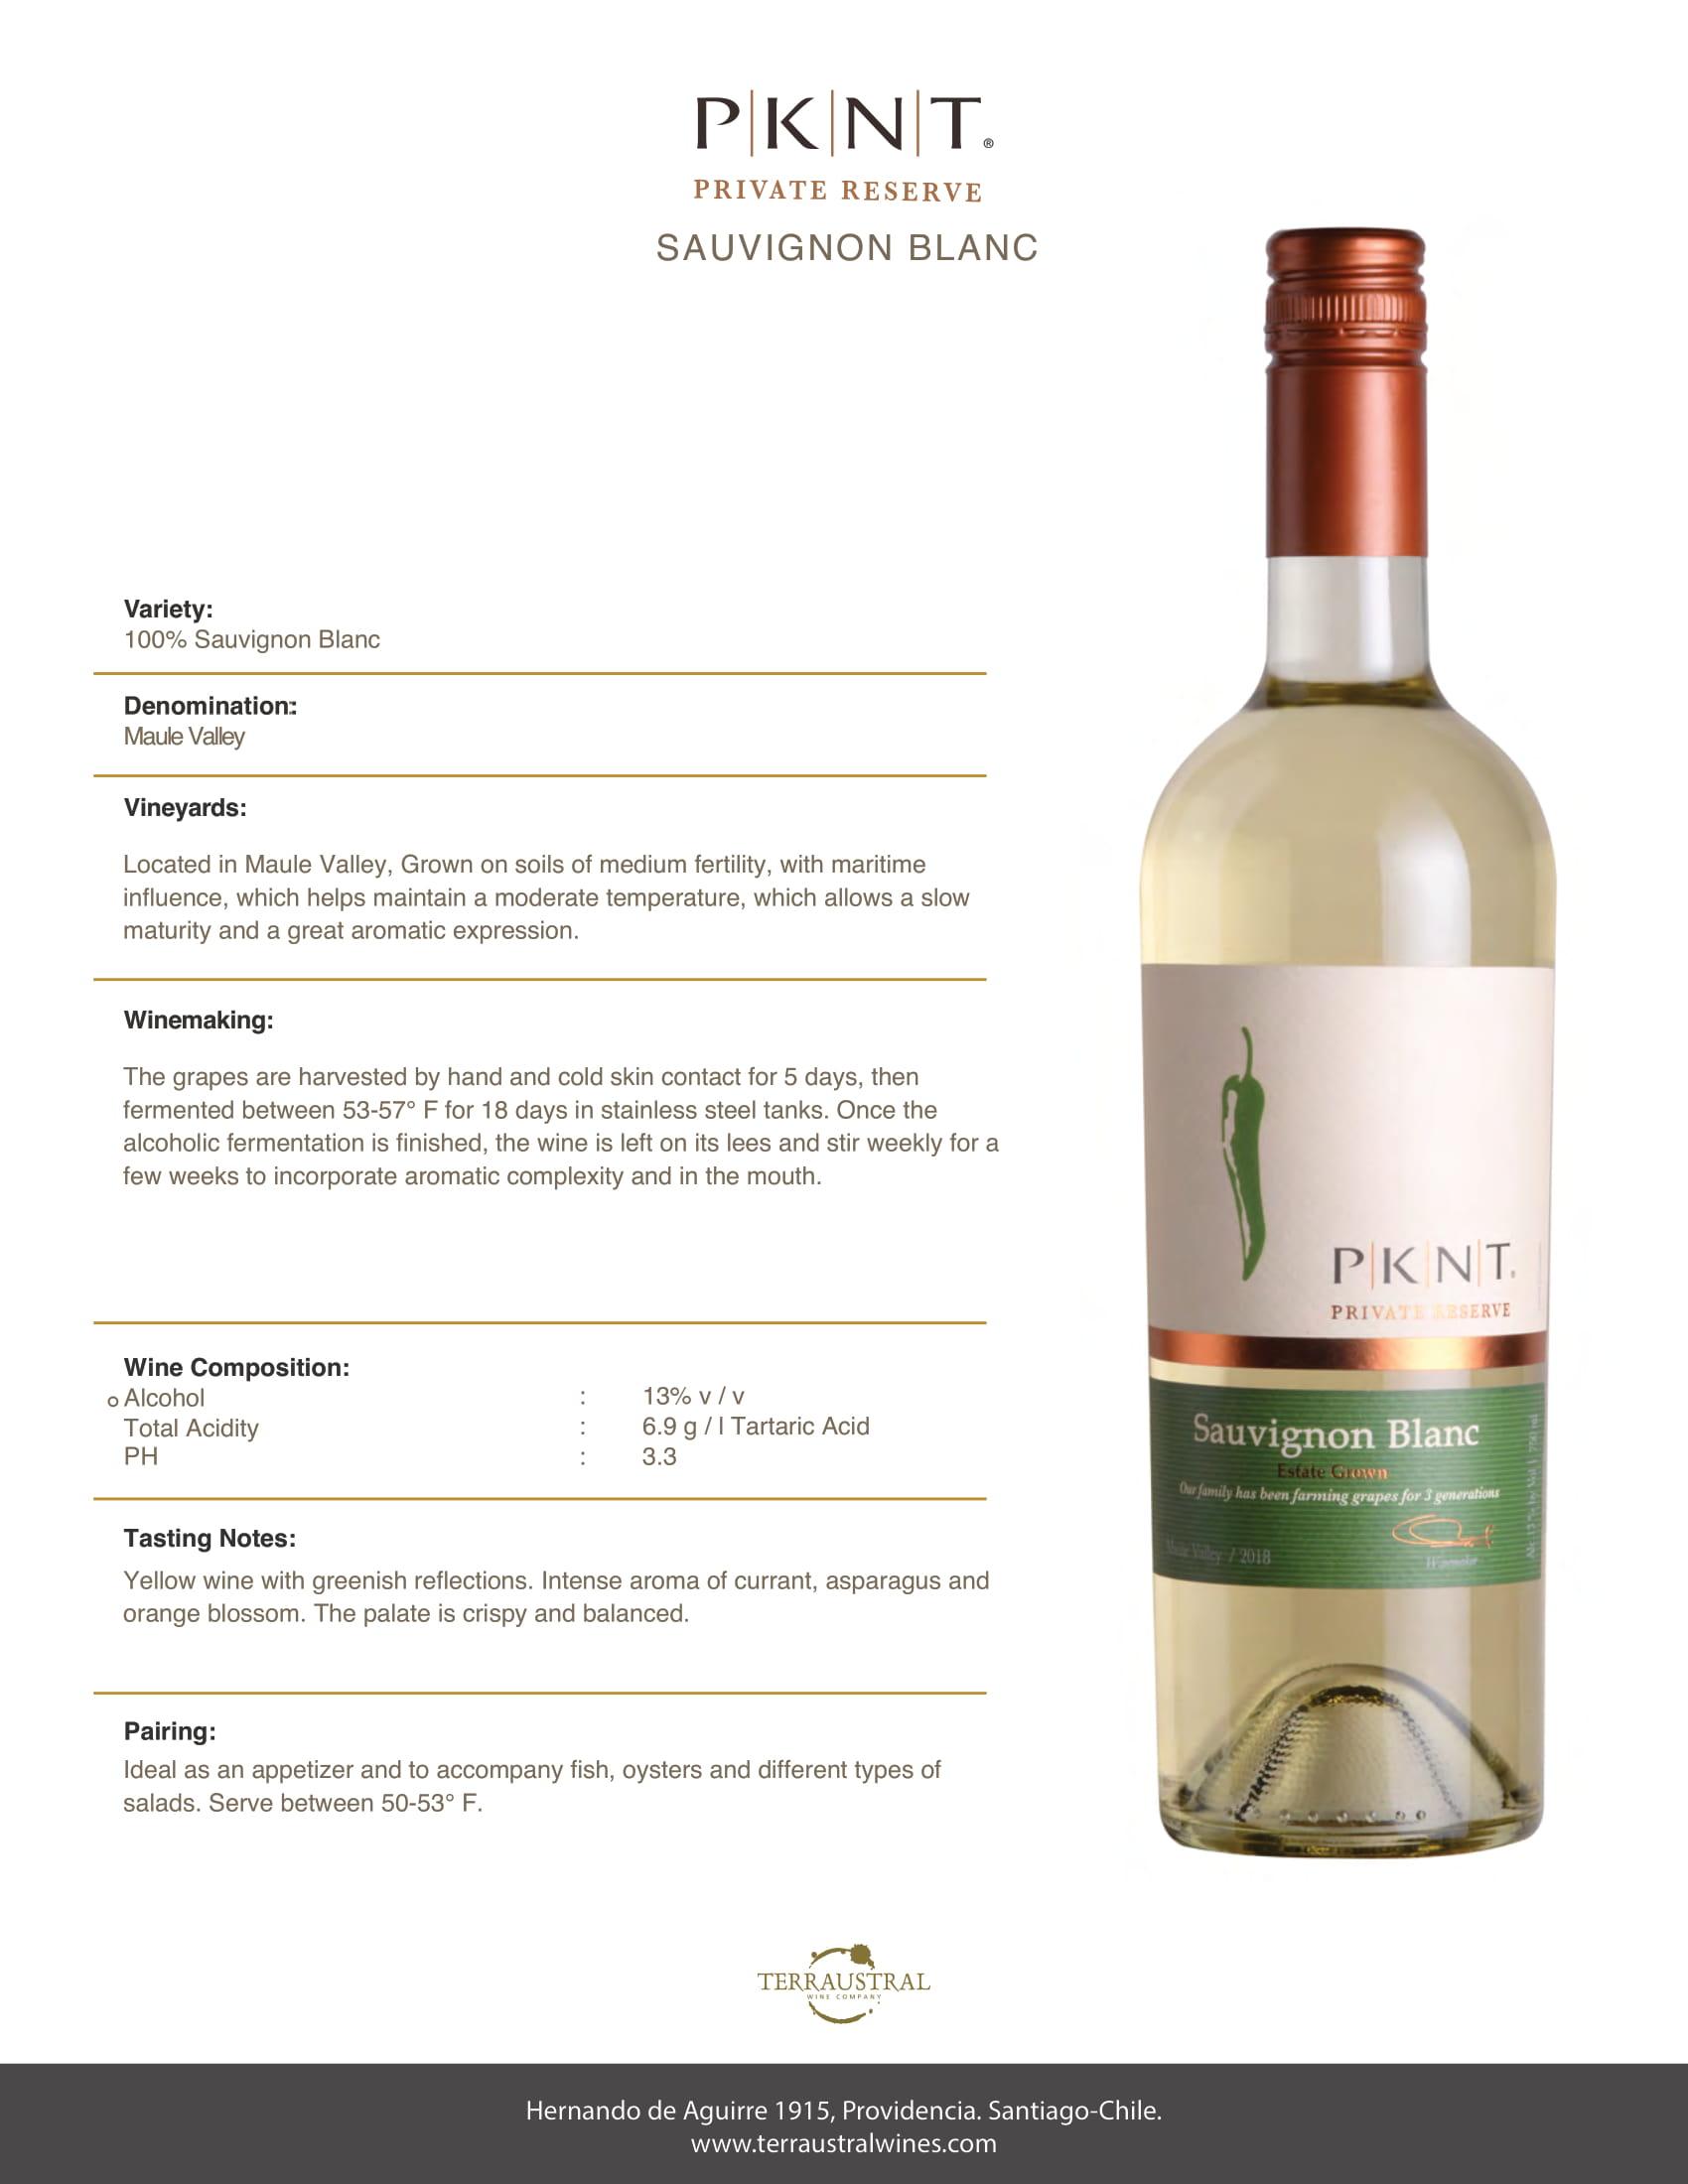 PKNT Sauvignon Blanc Tech Sheet